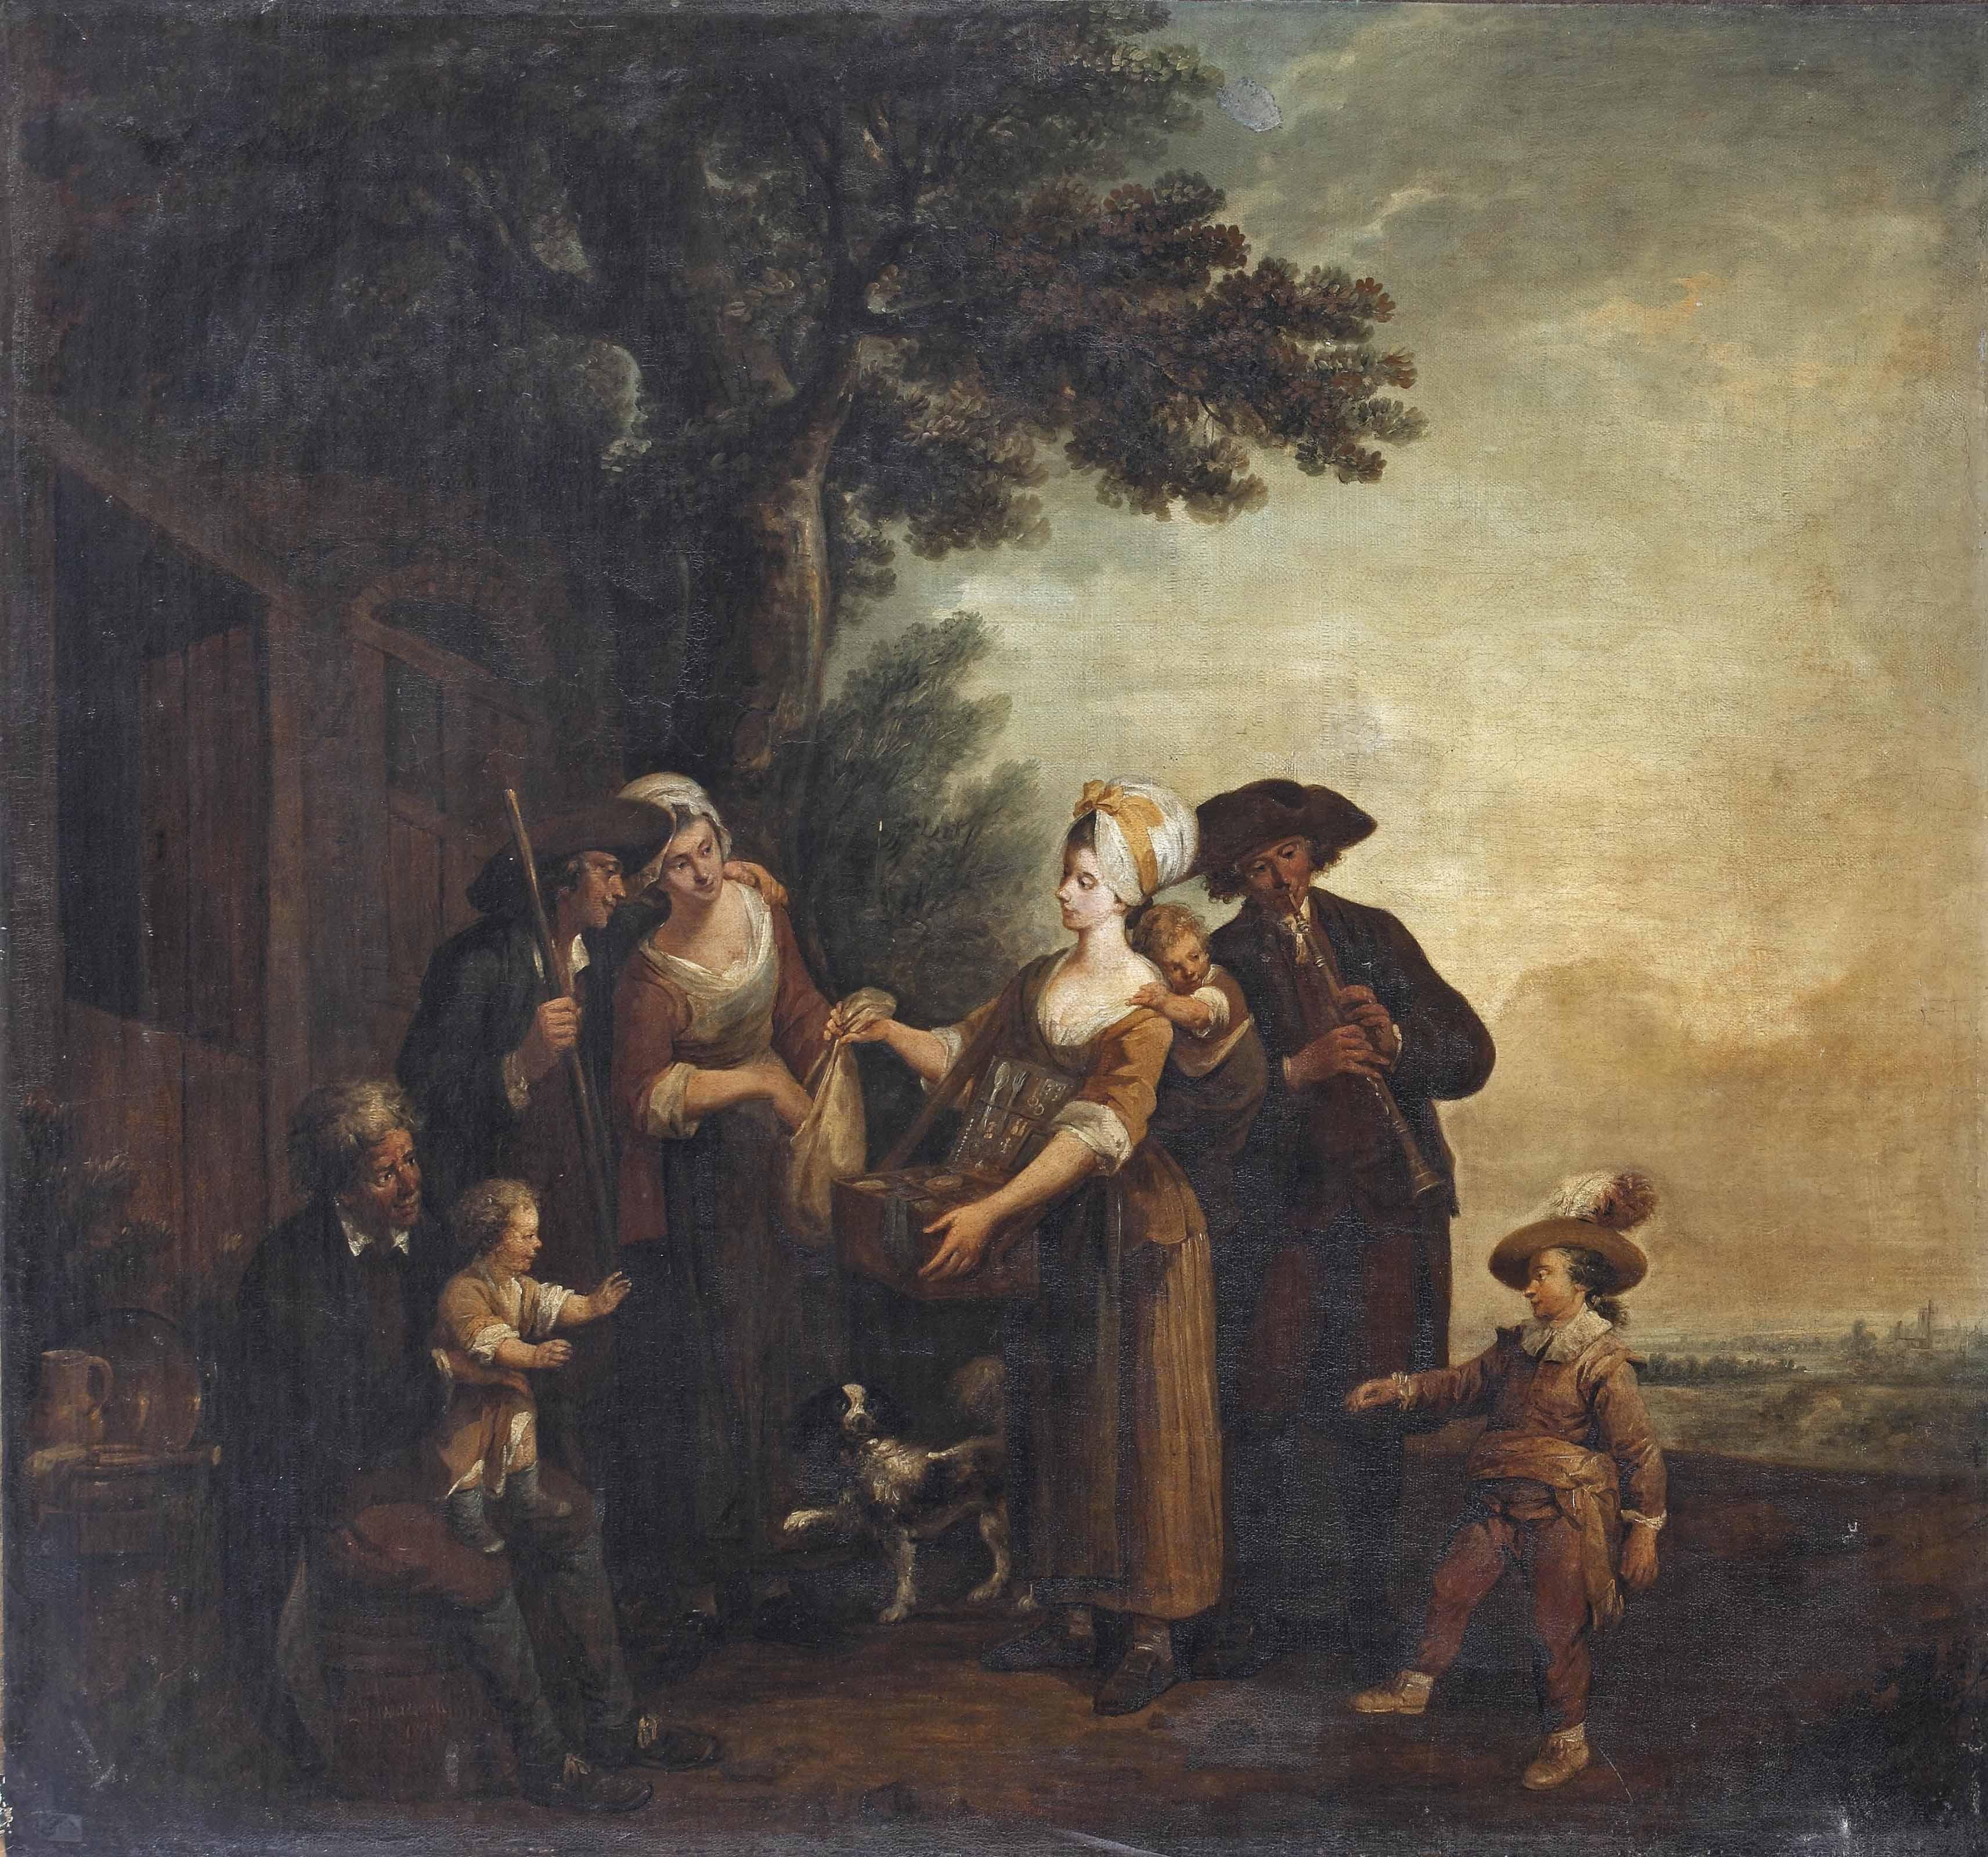 Louis-Joseph Watteau, called W